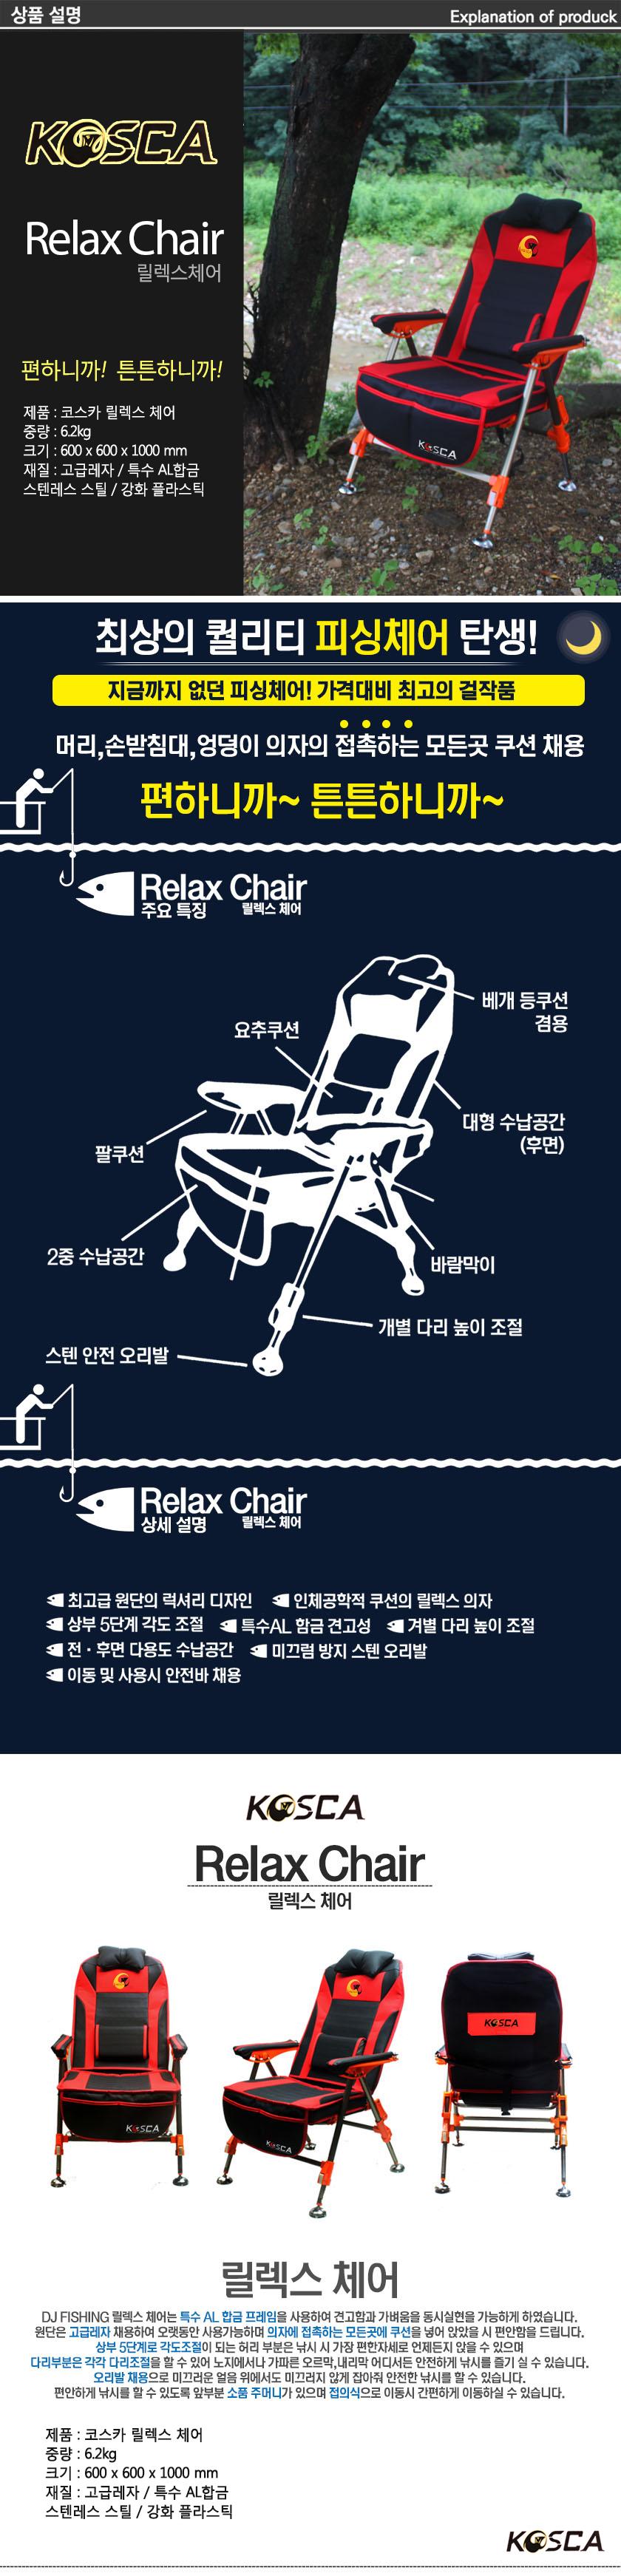 KOSCA(코스카) 릴렉스 체어 [메모리폼 각발 낚시의자] 메모리폼의자 낚시의자 민물낚시의자 의자 오리발의자 오리발